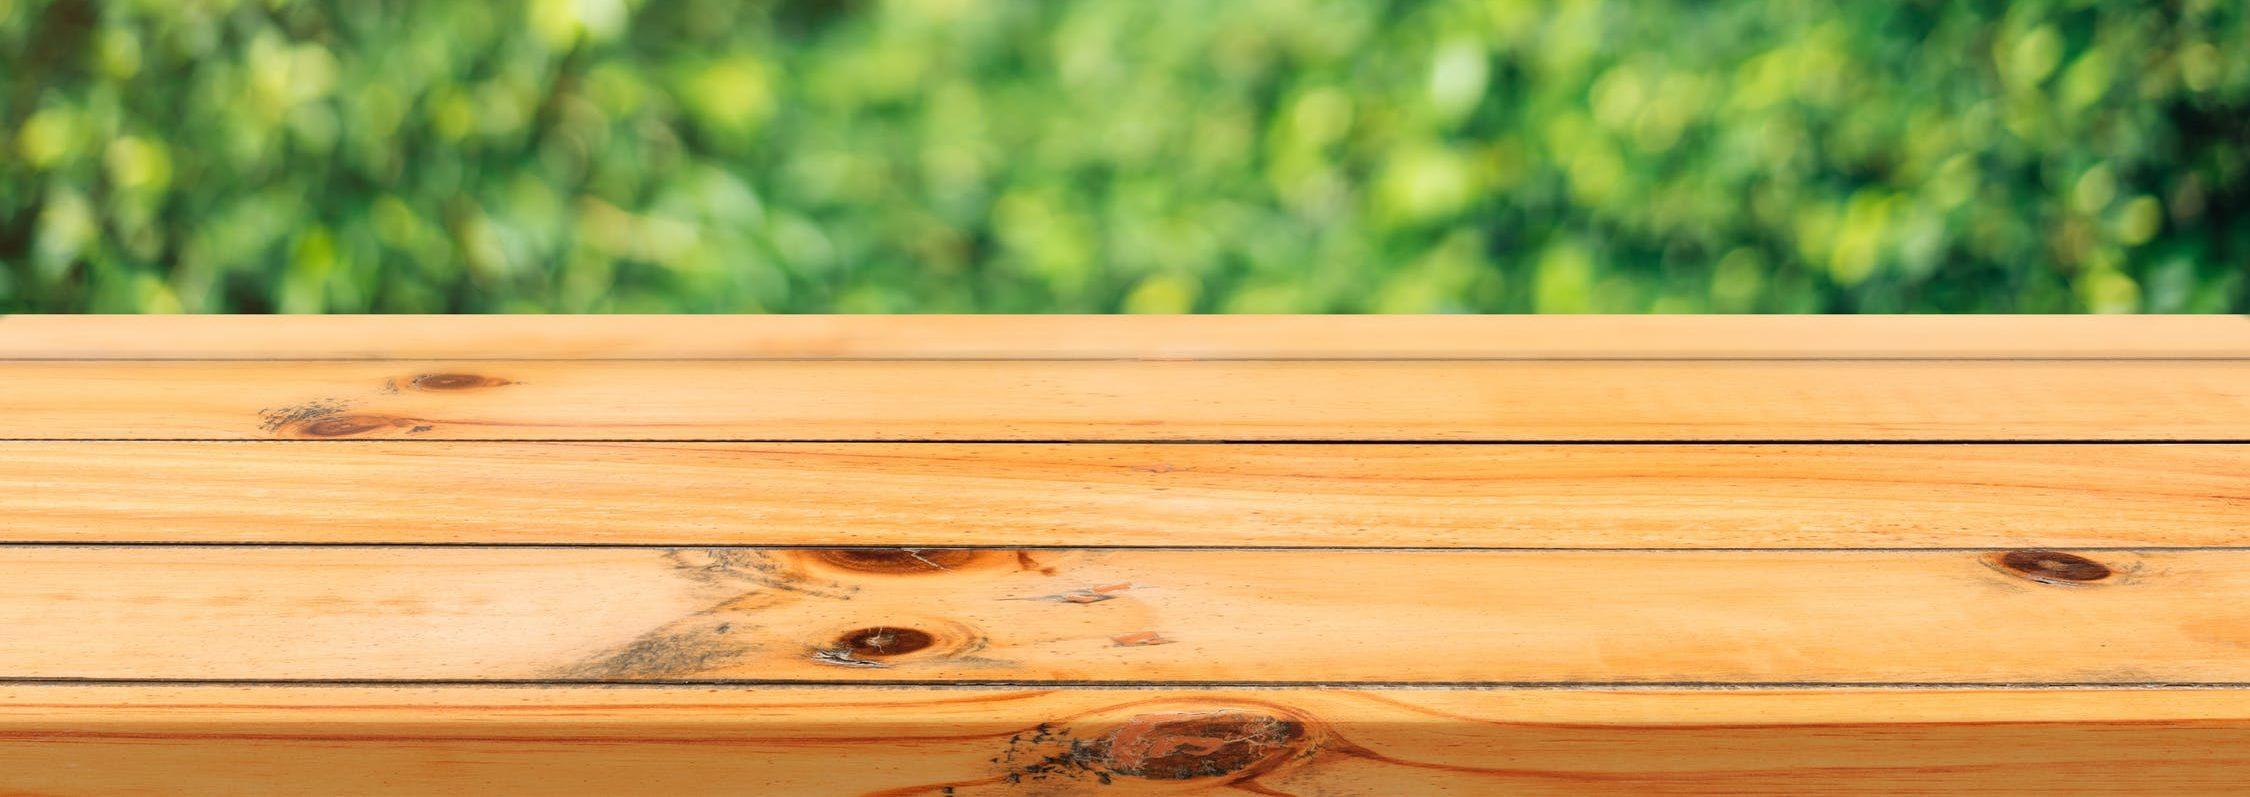 Holz wachsen Anleitung